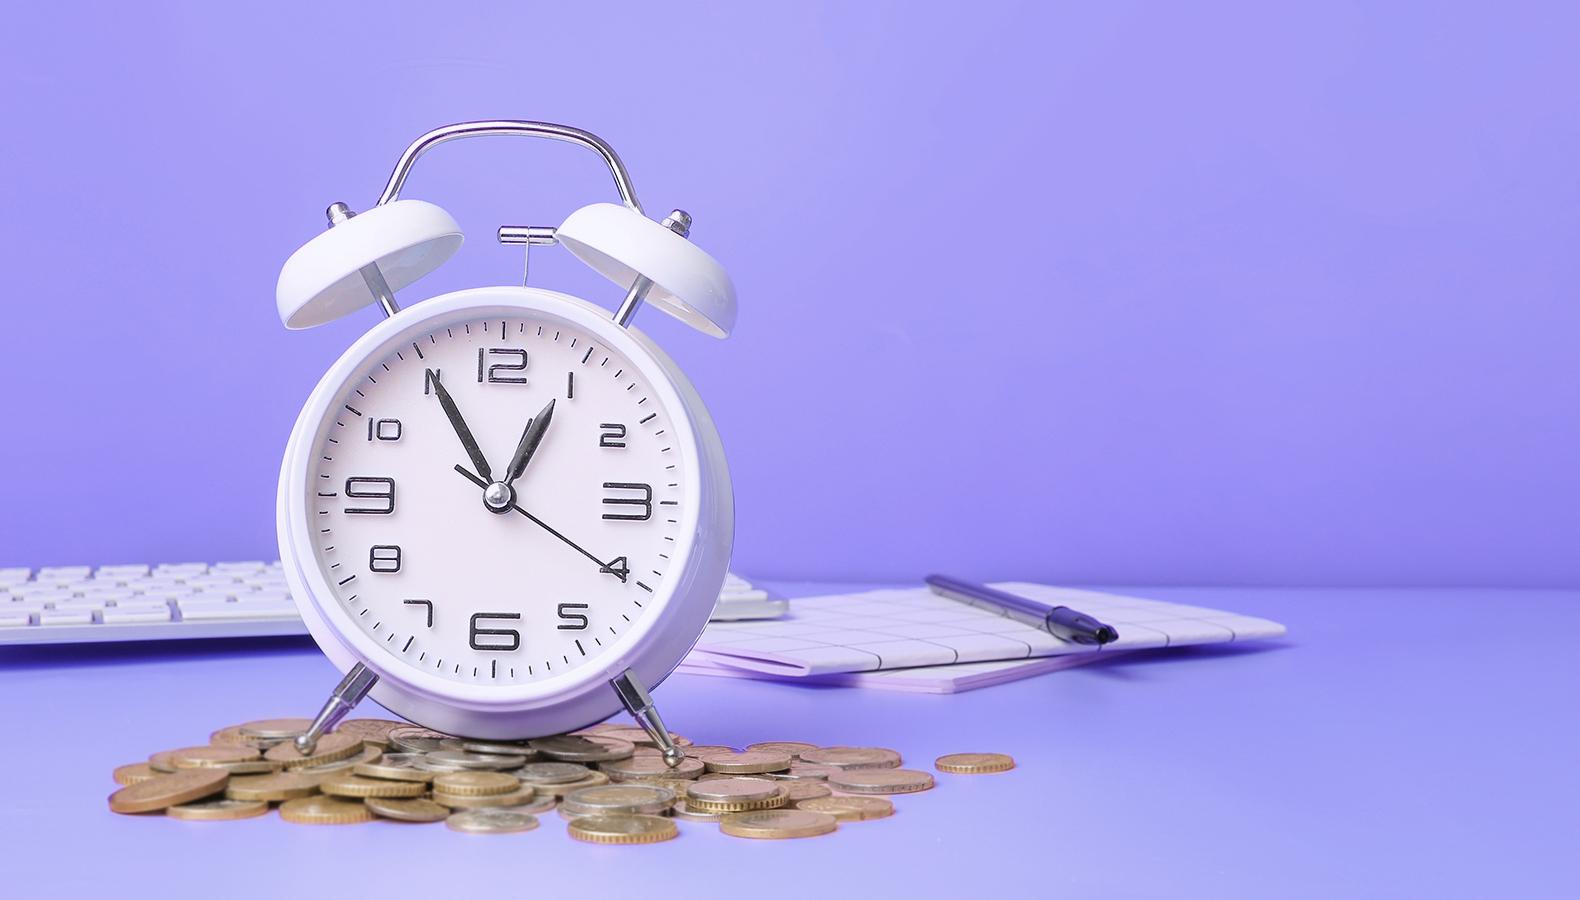 Антикризисные меры: что делать? скоро ли выплаты?